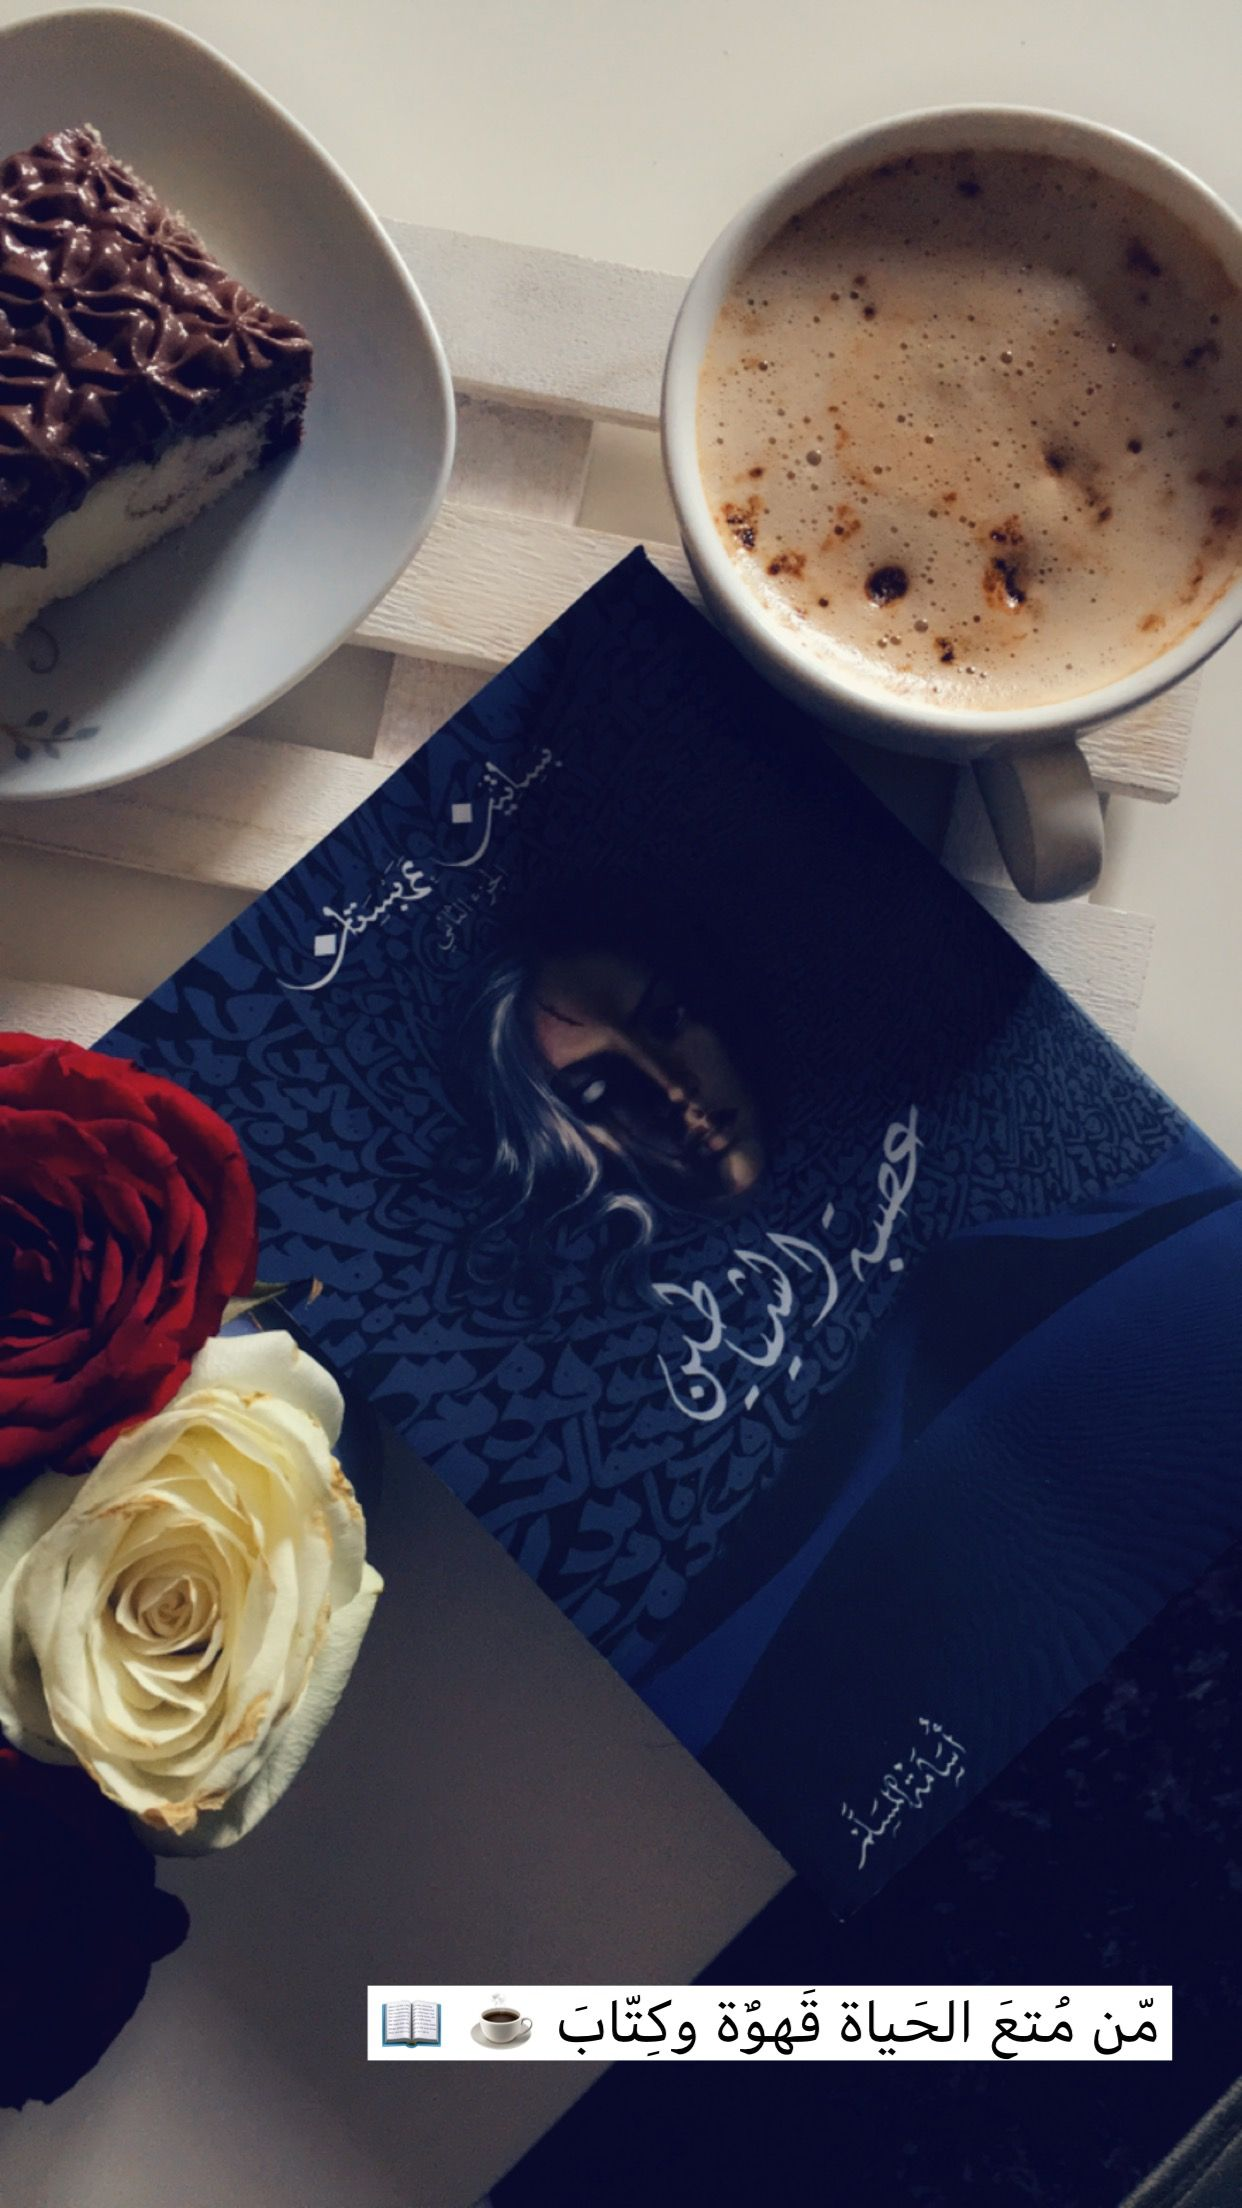 كتاب قهوة